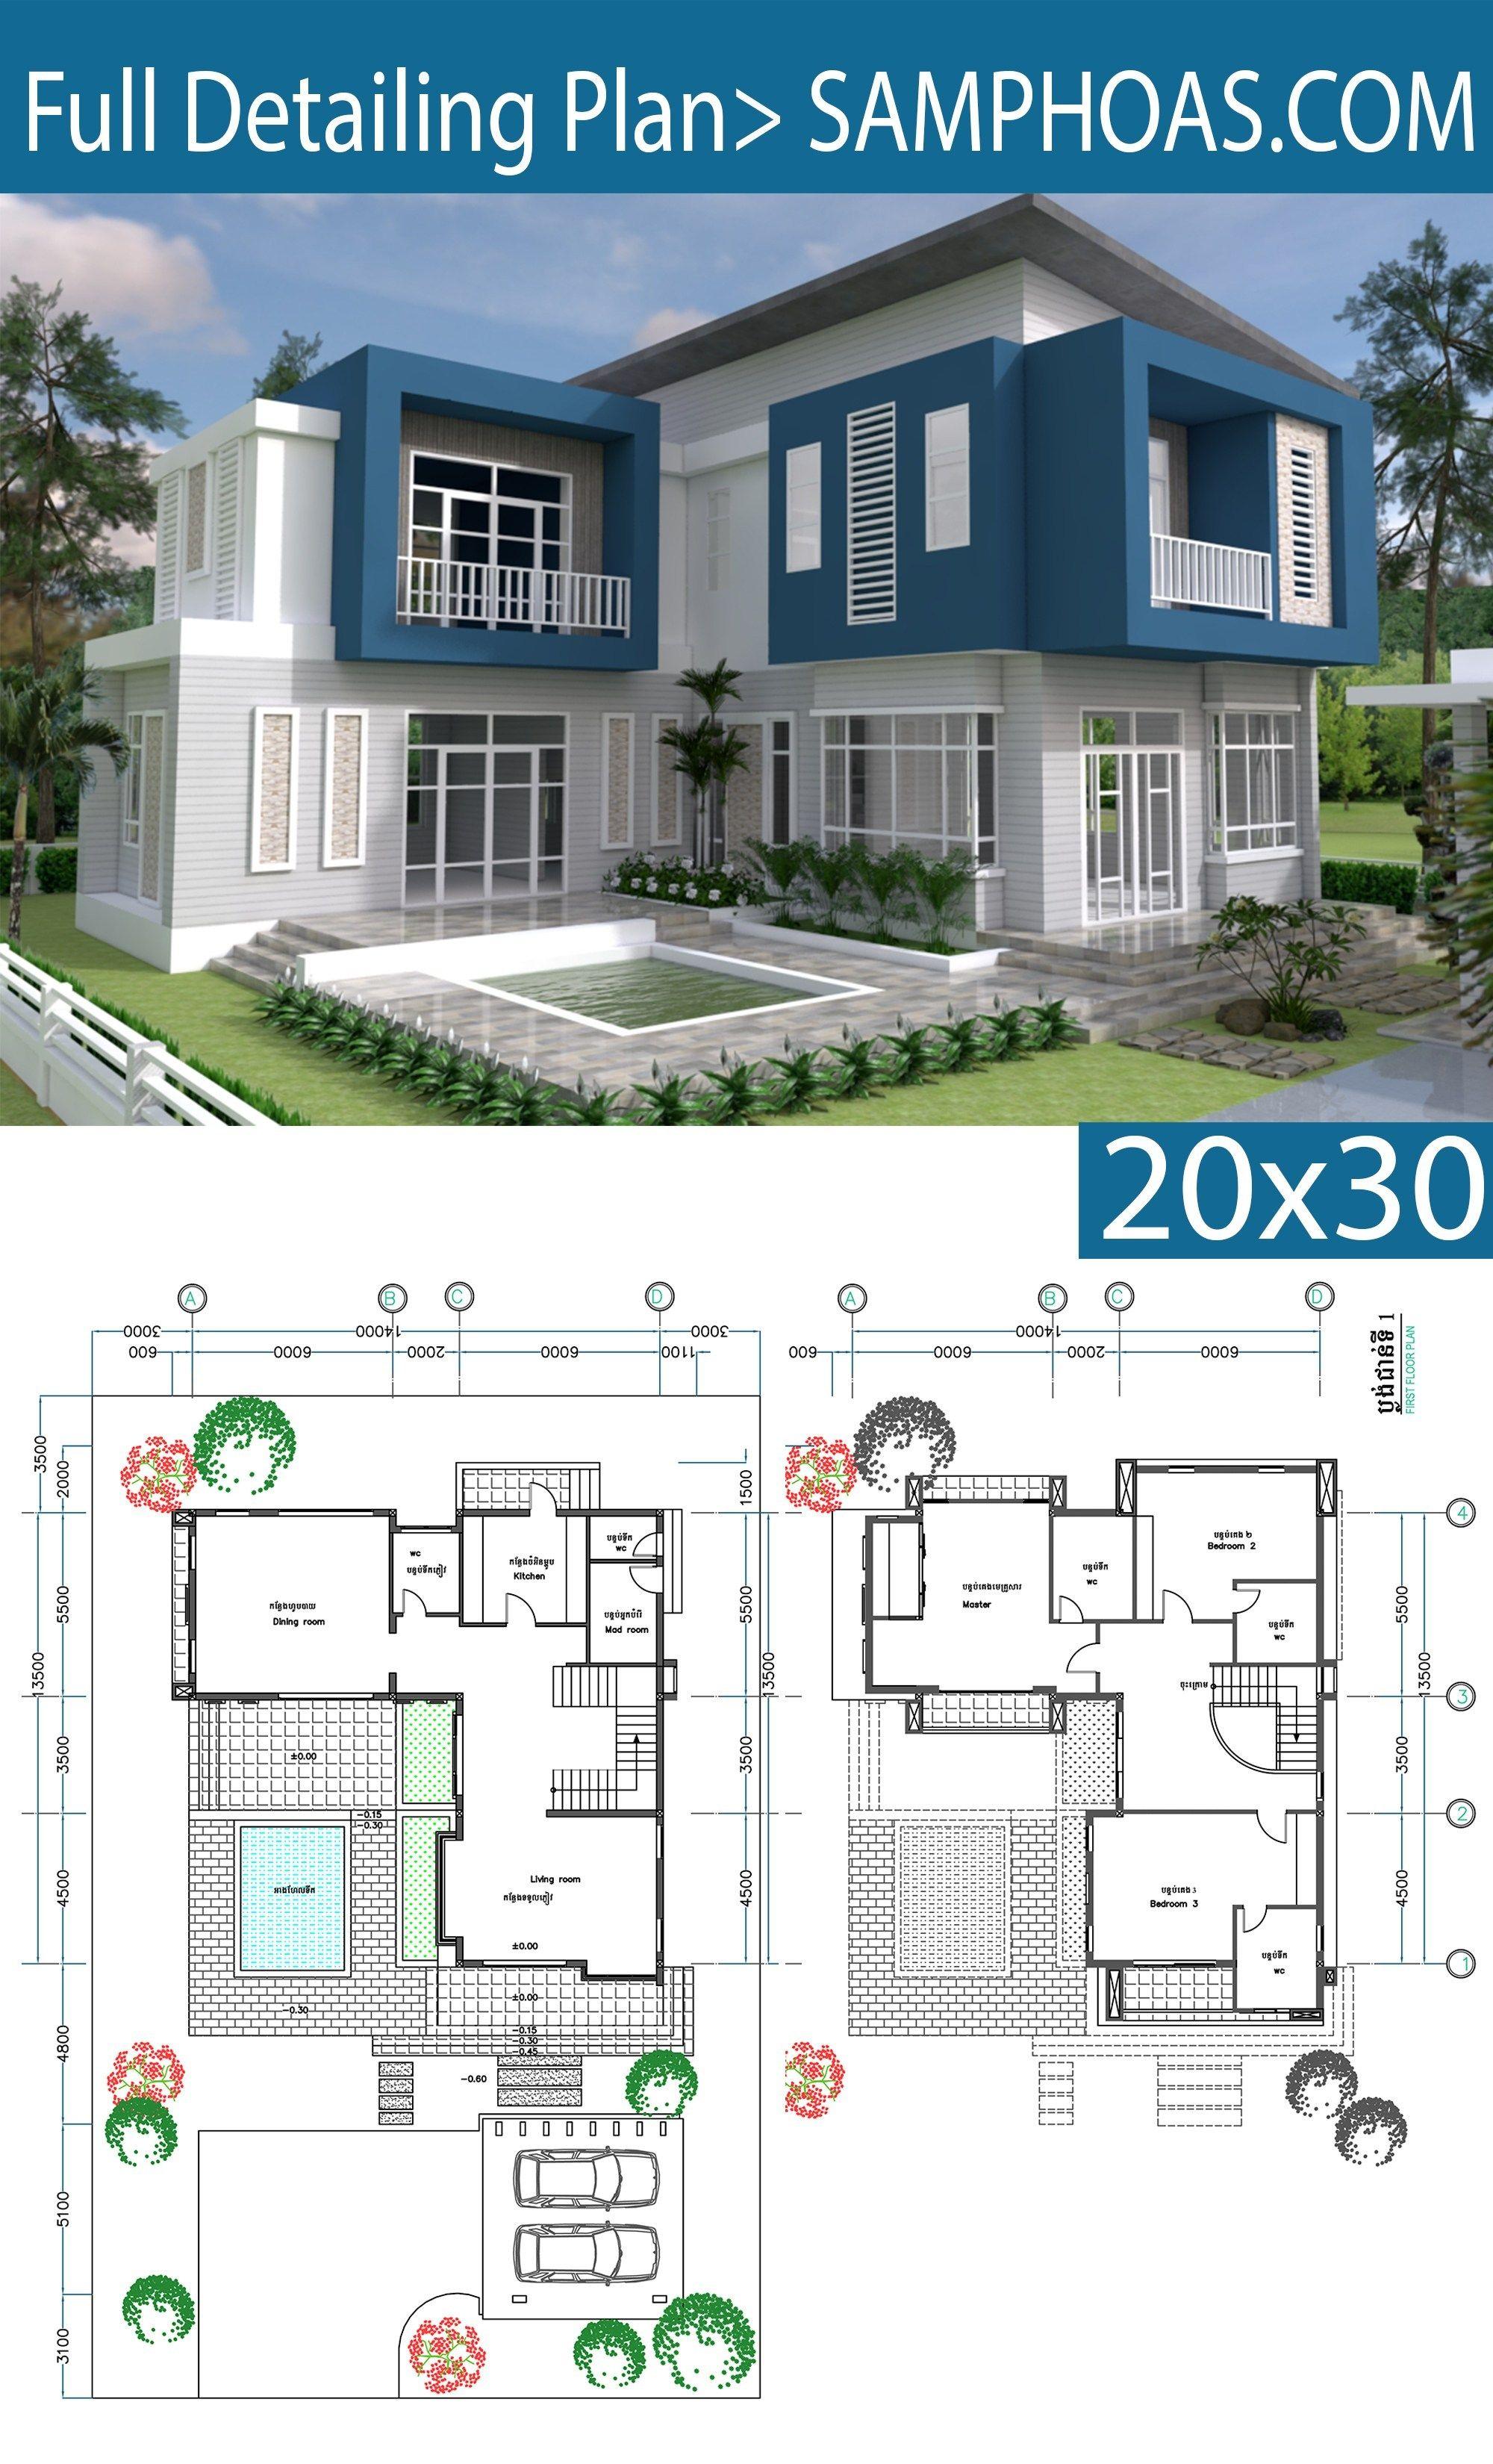 3 Bedrooms Modern Home Plan 14 13 5m Samphoas Plan Modern House Plans House Plans Modern House Design